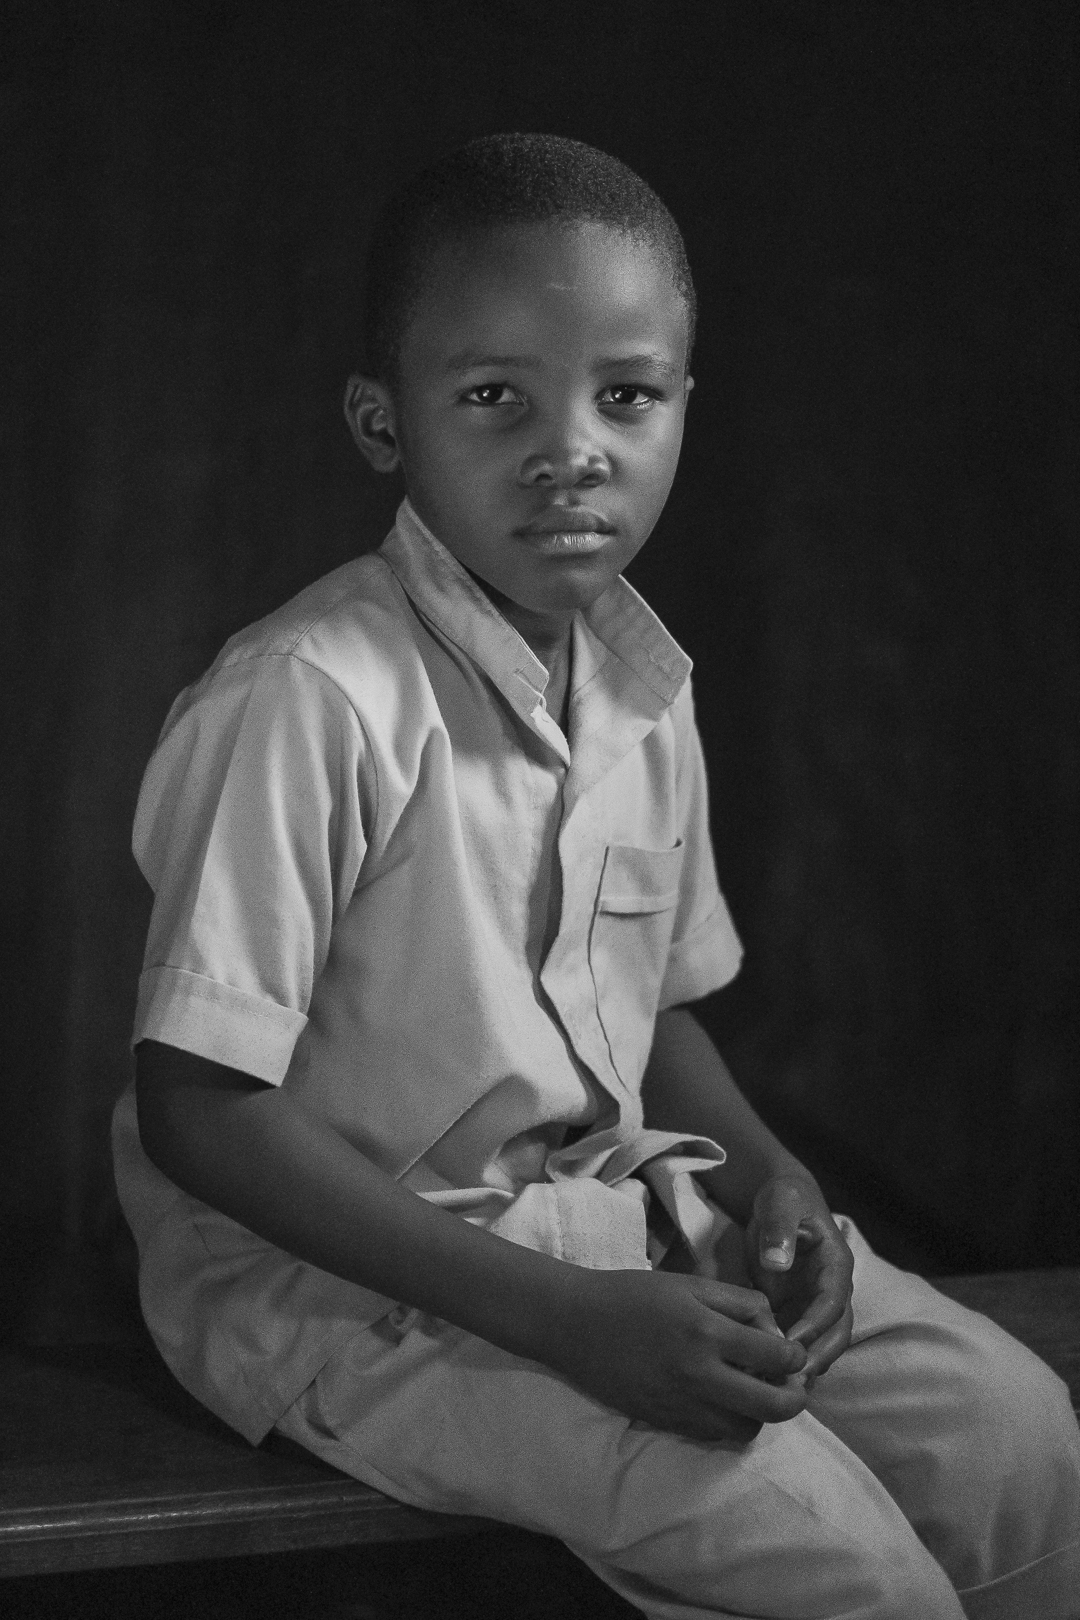 Gaetan | 7 years old